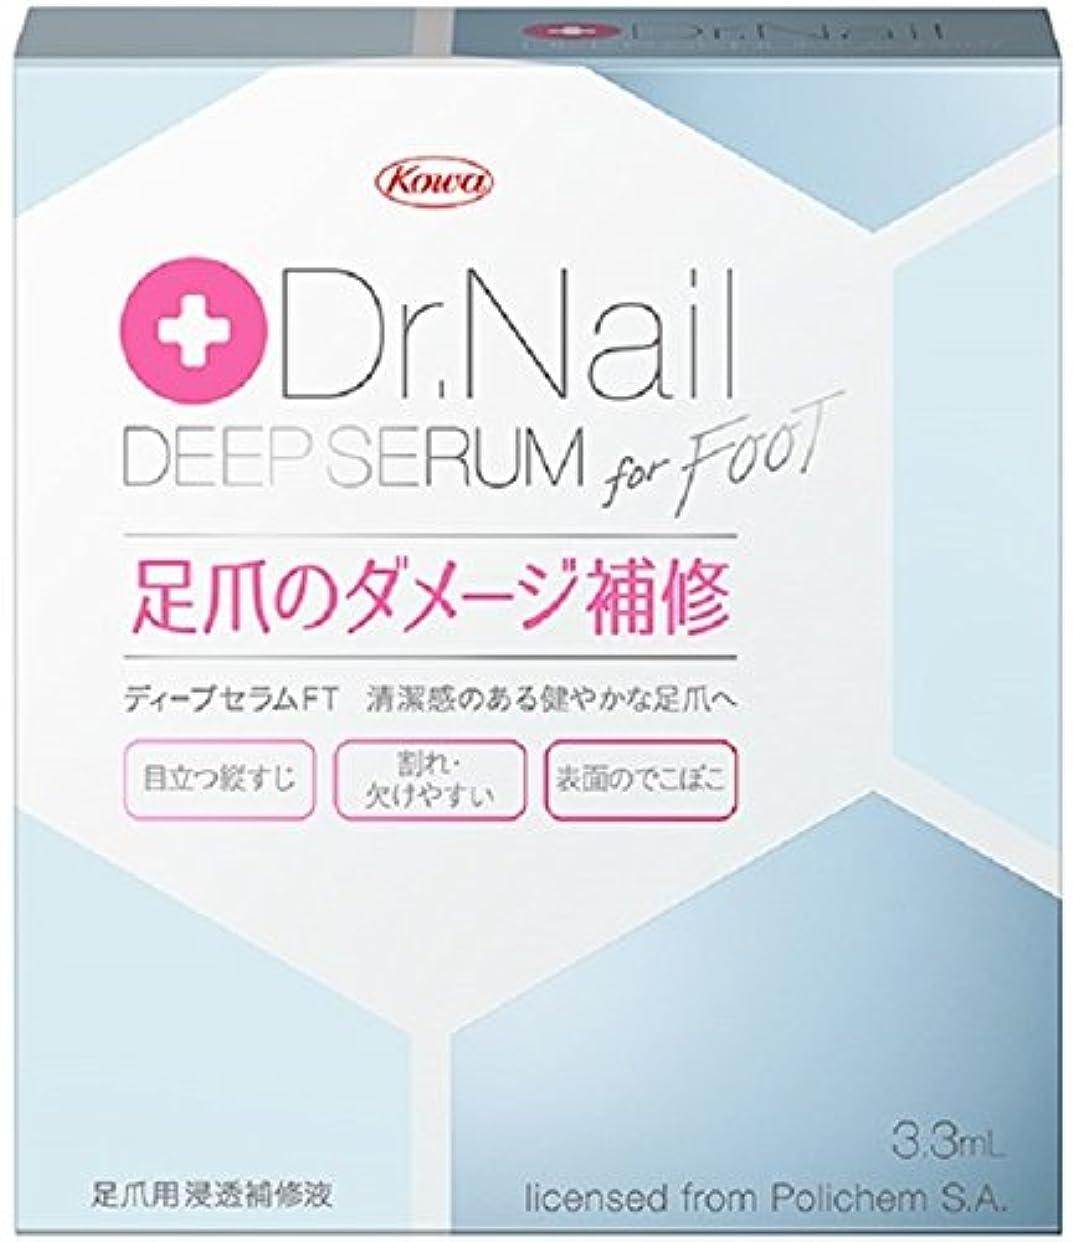 記念碑的な合わせて汚す興和(コーワ) Dr.Nail DEEP SERUM for FOOT ドクターネイル ディープセラム 足爪用 3.3ml